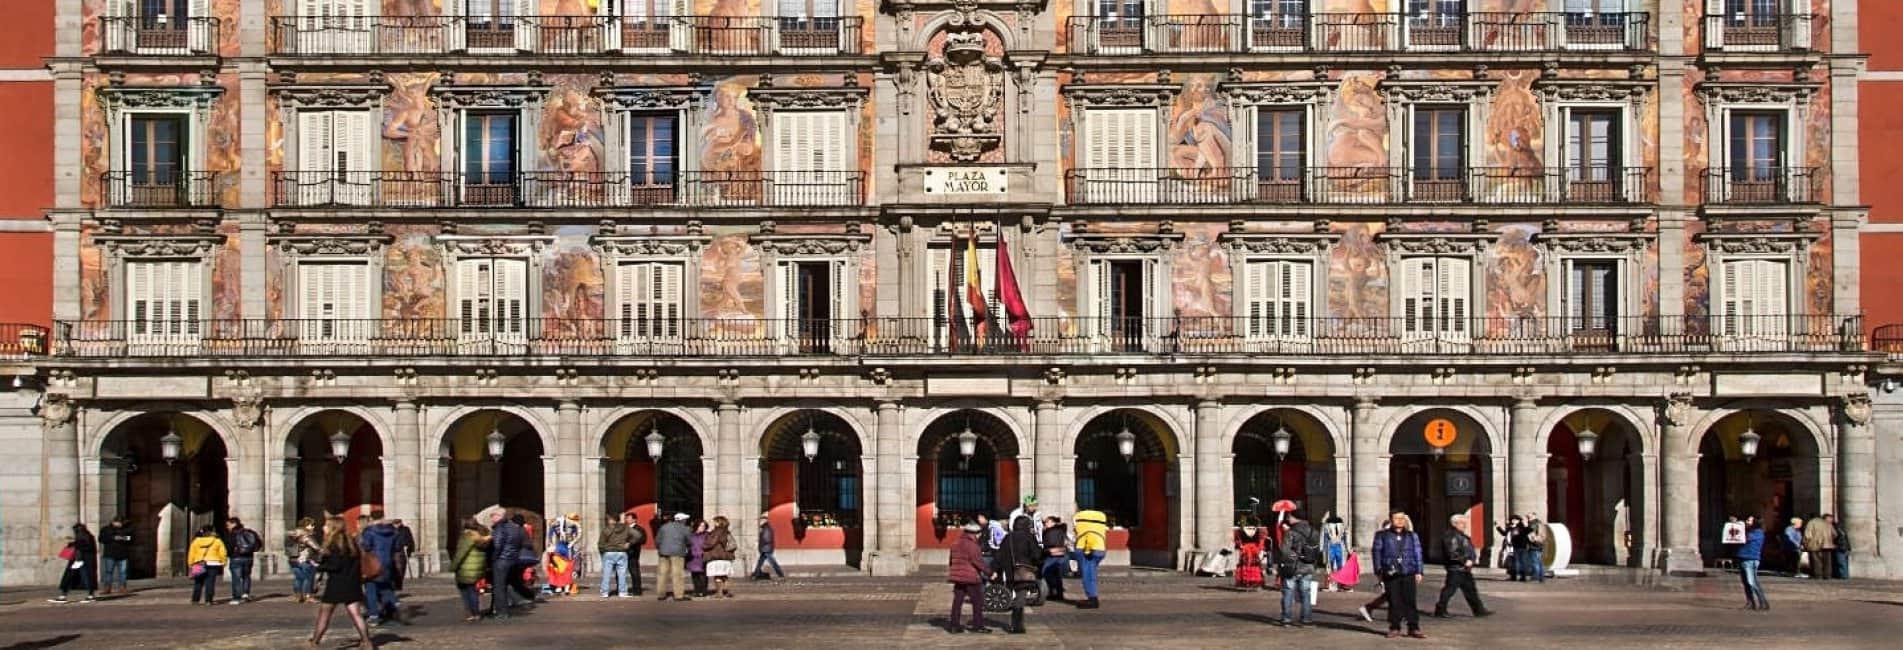 Casa de la Panadería. Plaza Mayor de Madrid. Foto: Francesco Pinton